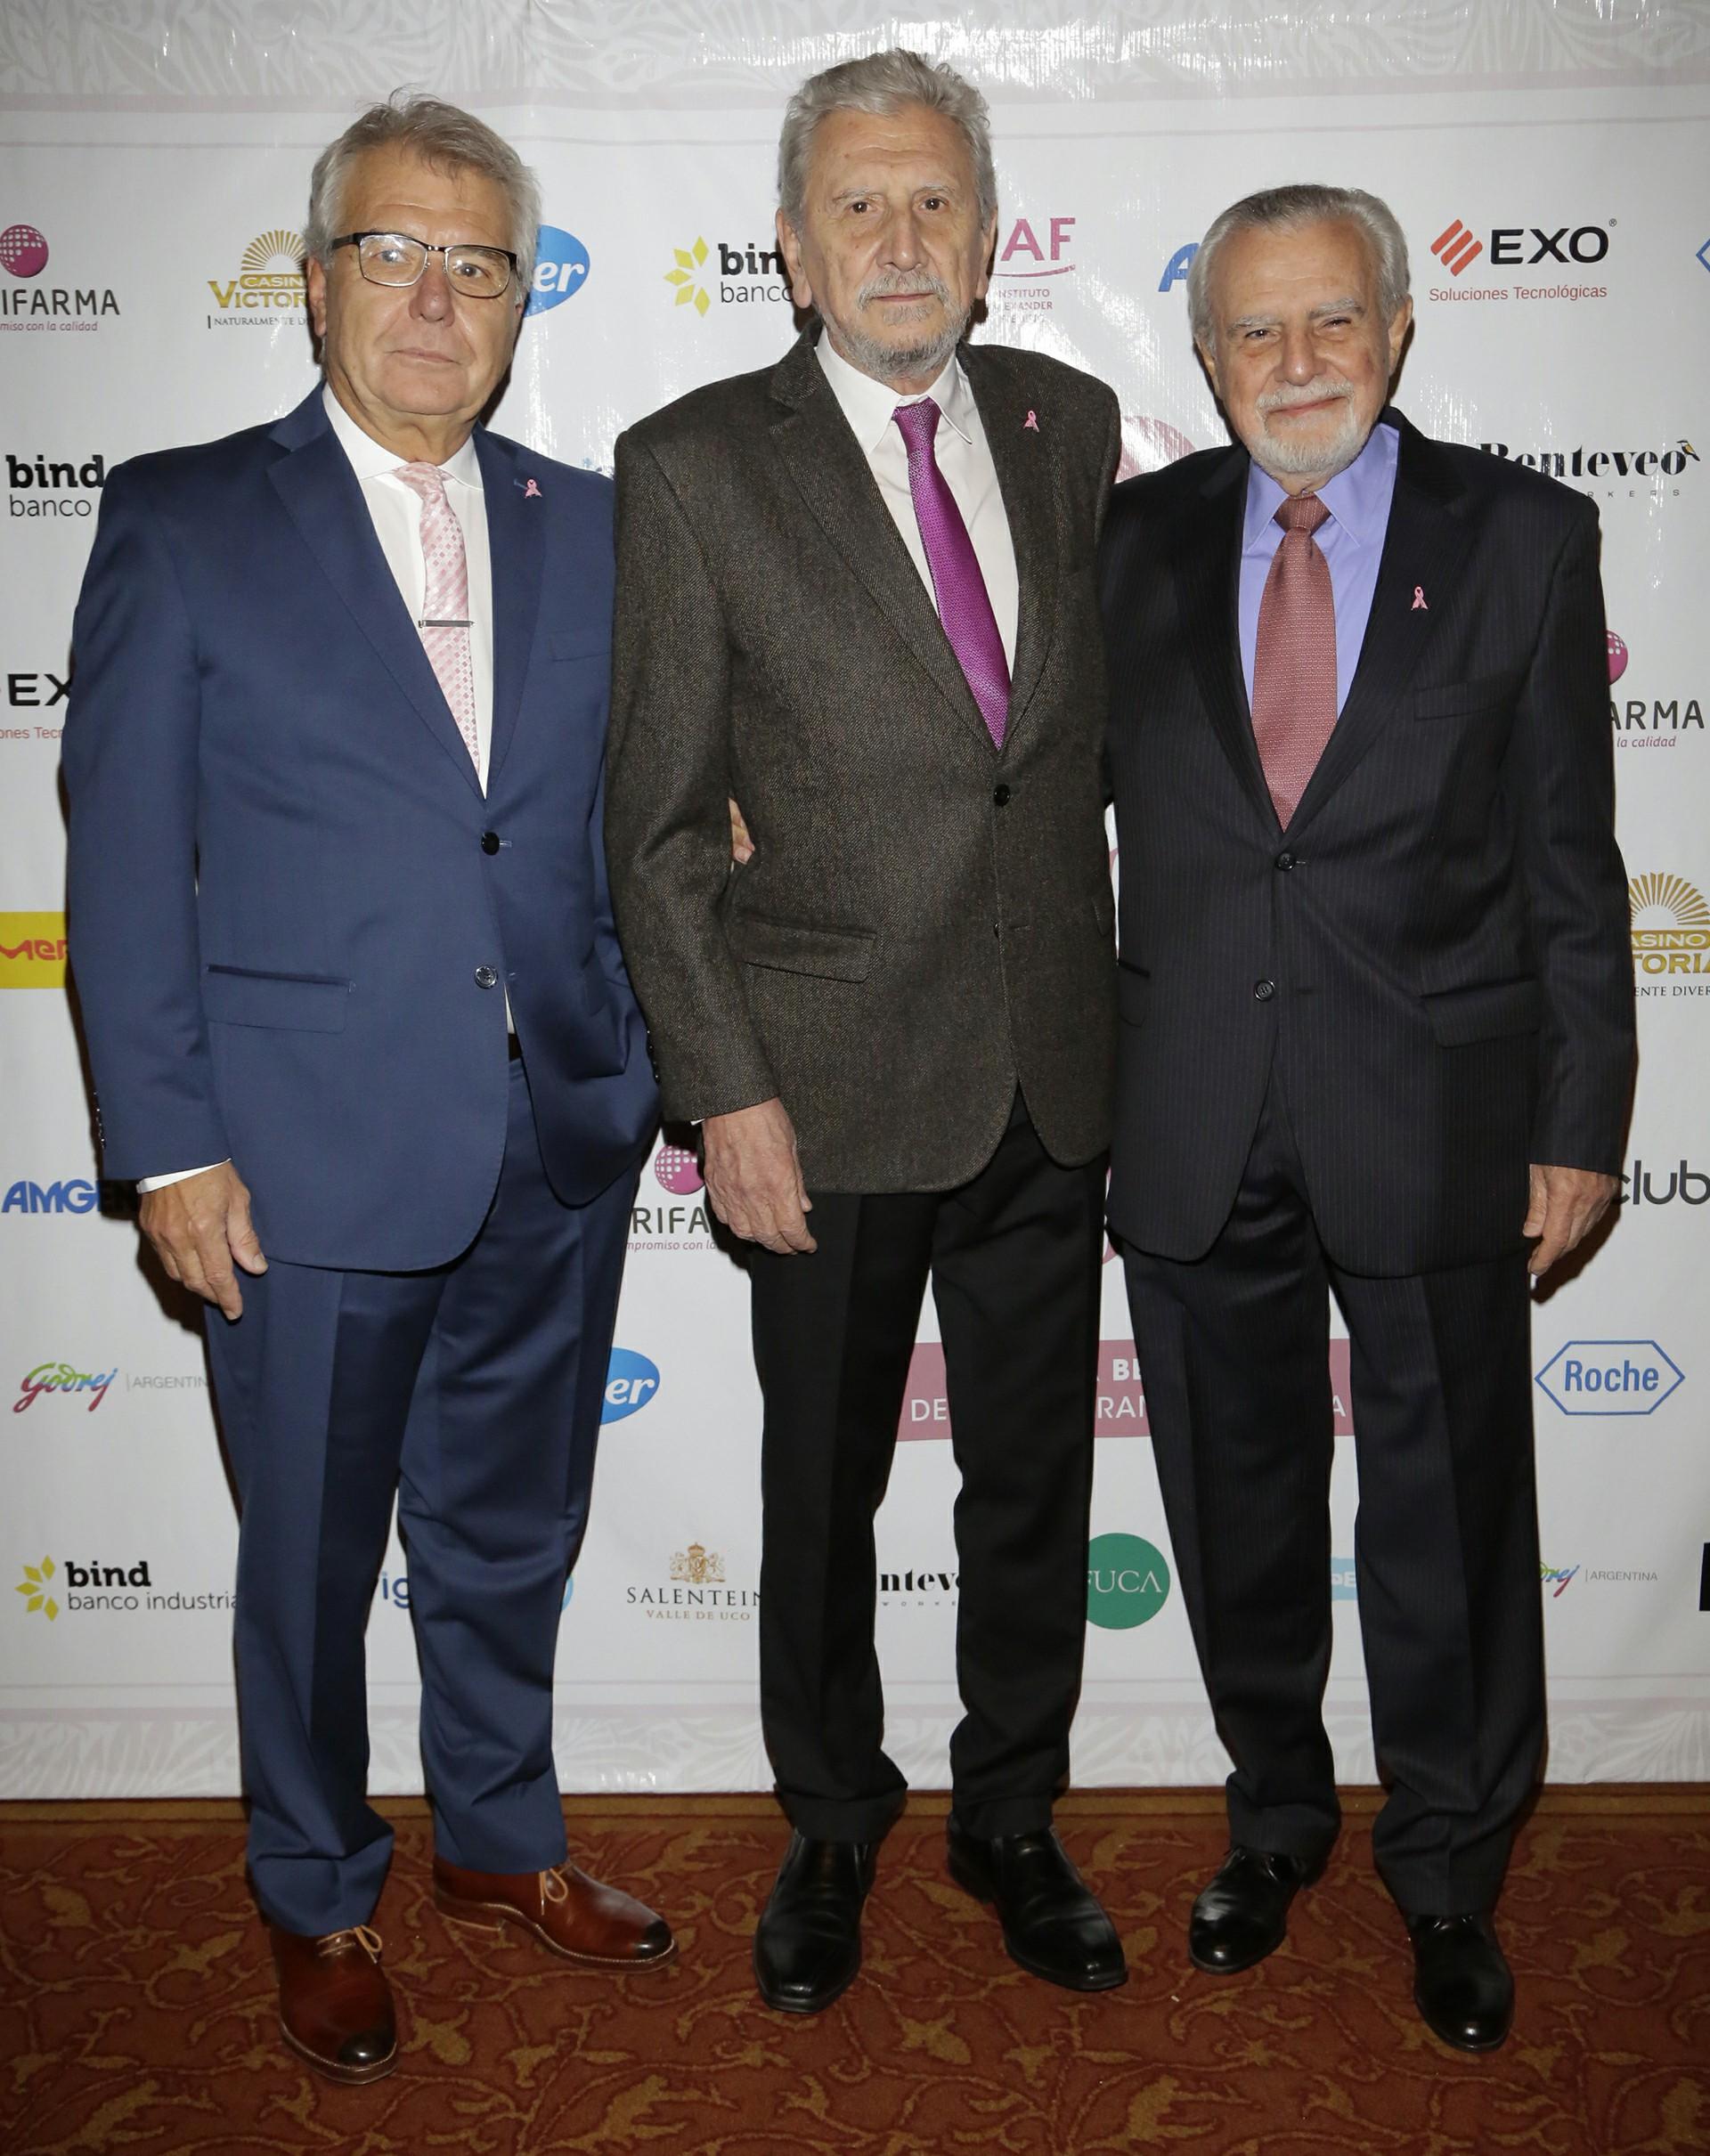 La Fundación Cáncer (FUCA), presidida por el Dr. Reinaldo Chacón (centro), fue creada en 1983 con la misión de reducir la mortalidad por cáncer a través de la educación médica y comunitaria, la investigación científica y la concientización para la prevención y el cuidado de la salud. En la foto; los doctores Federico Coló, Reinaldo Chacón y José Mordoh, vicepresidente de FUCA